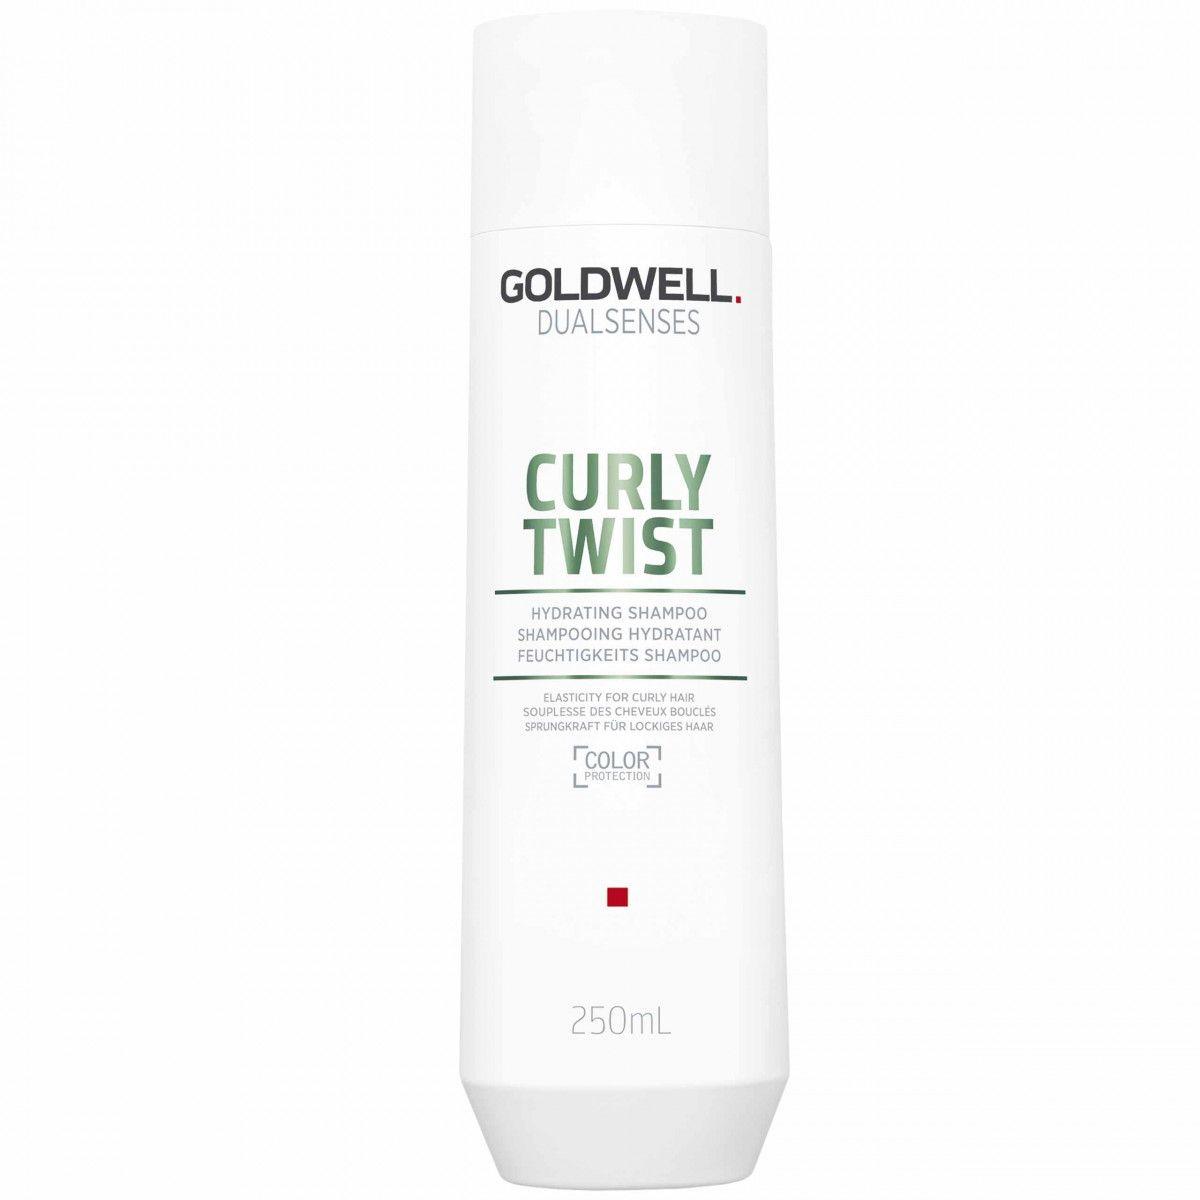 Goldwell Curly Twist, Szampon nawilżajacy do włosów kręconych 250ml